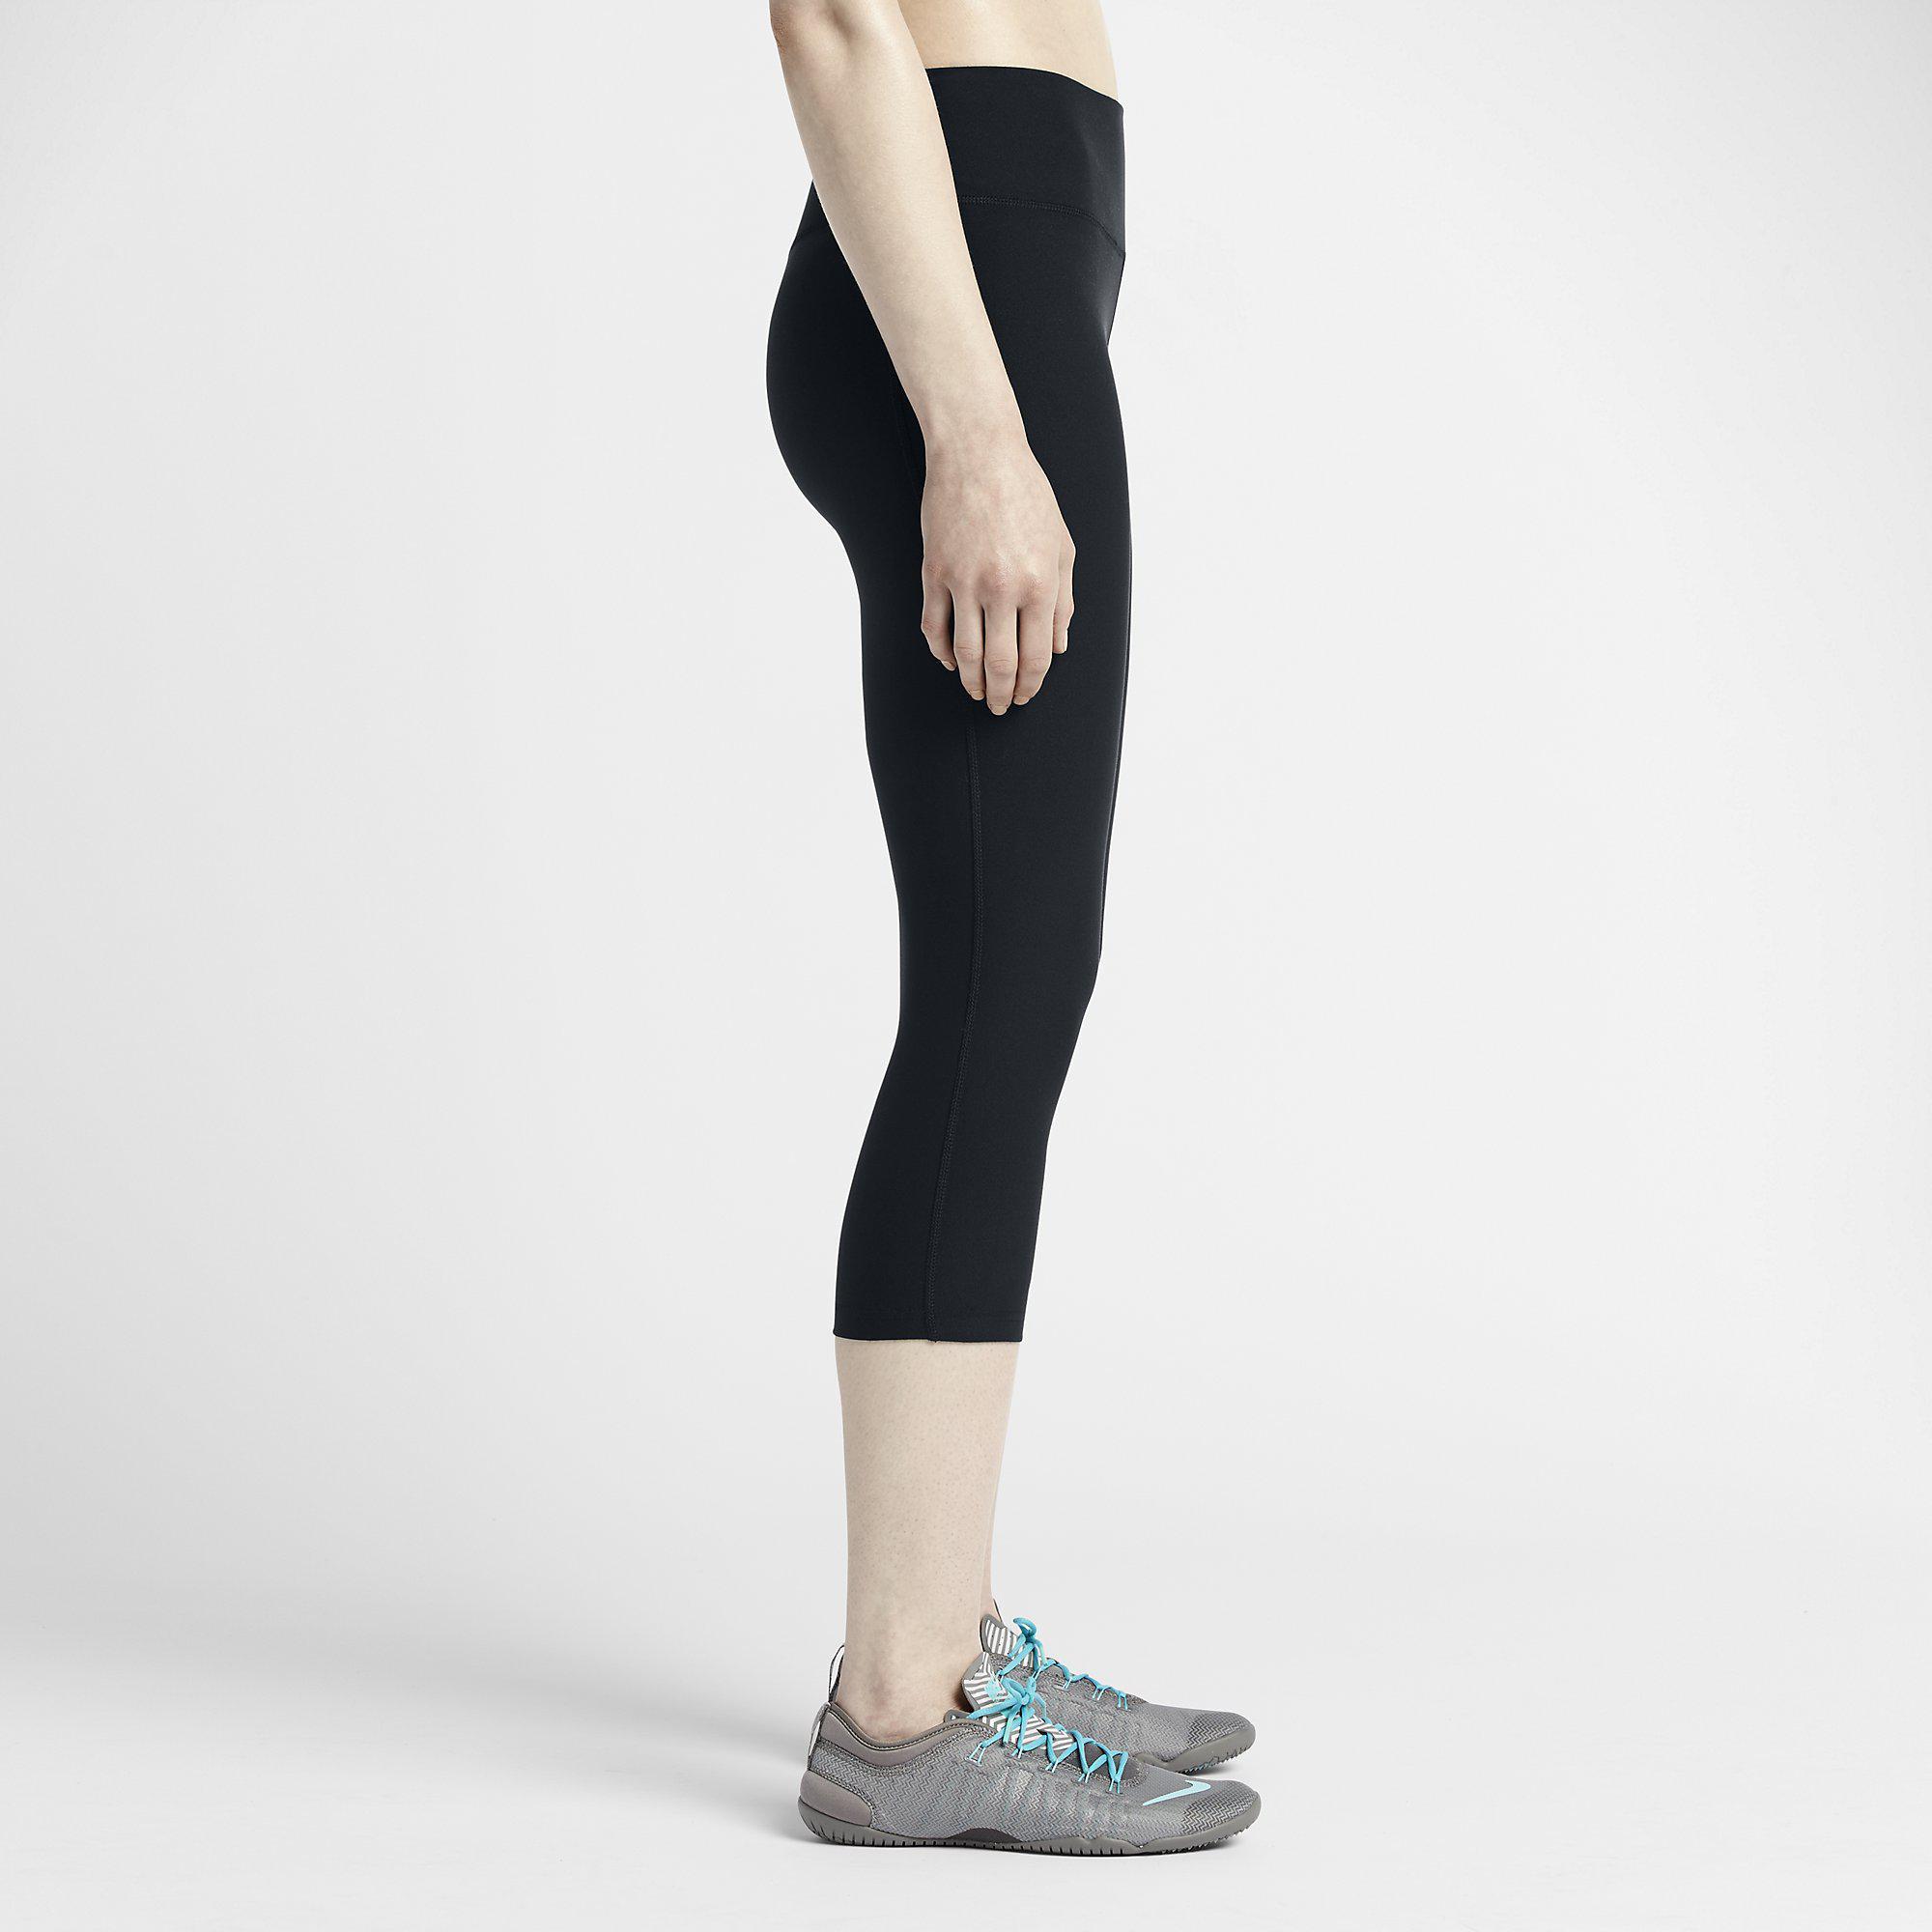 739dfd0aabcbe Nike Womens Legend 2.0 Tight Poly Capri - Black - Tennisnuts.com